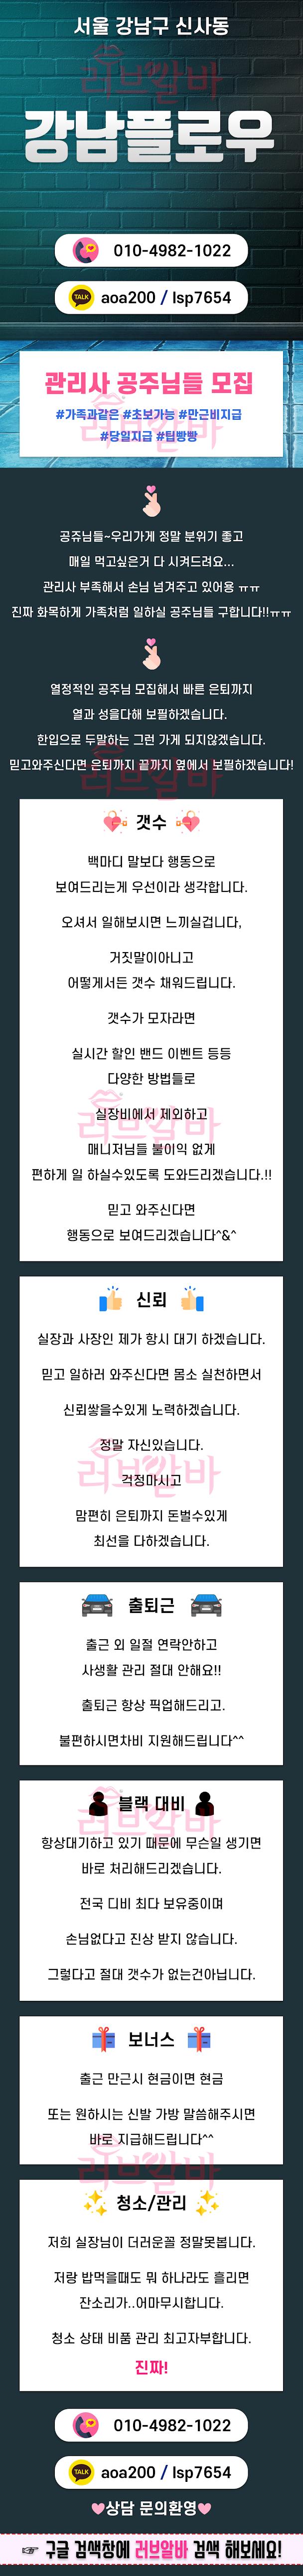 [서울 강남구] 강남 No.1 플로우 관리사 공주님 모집중!